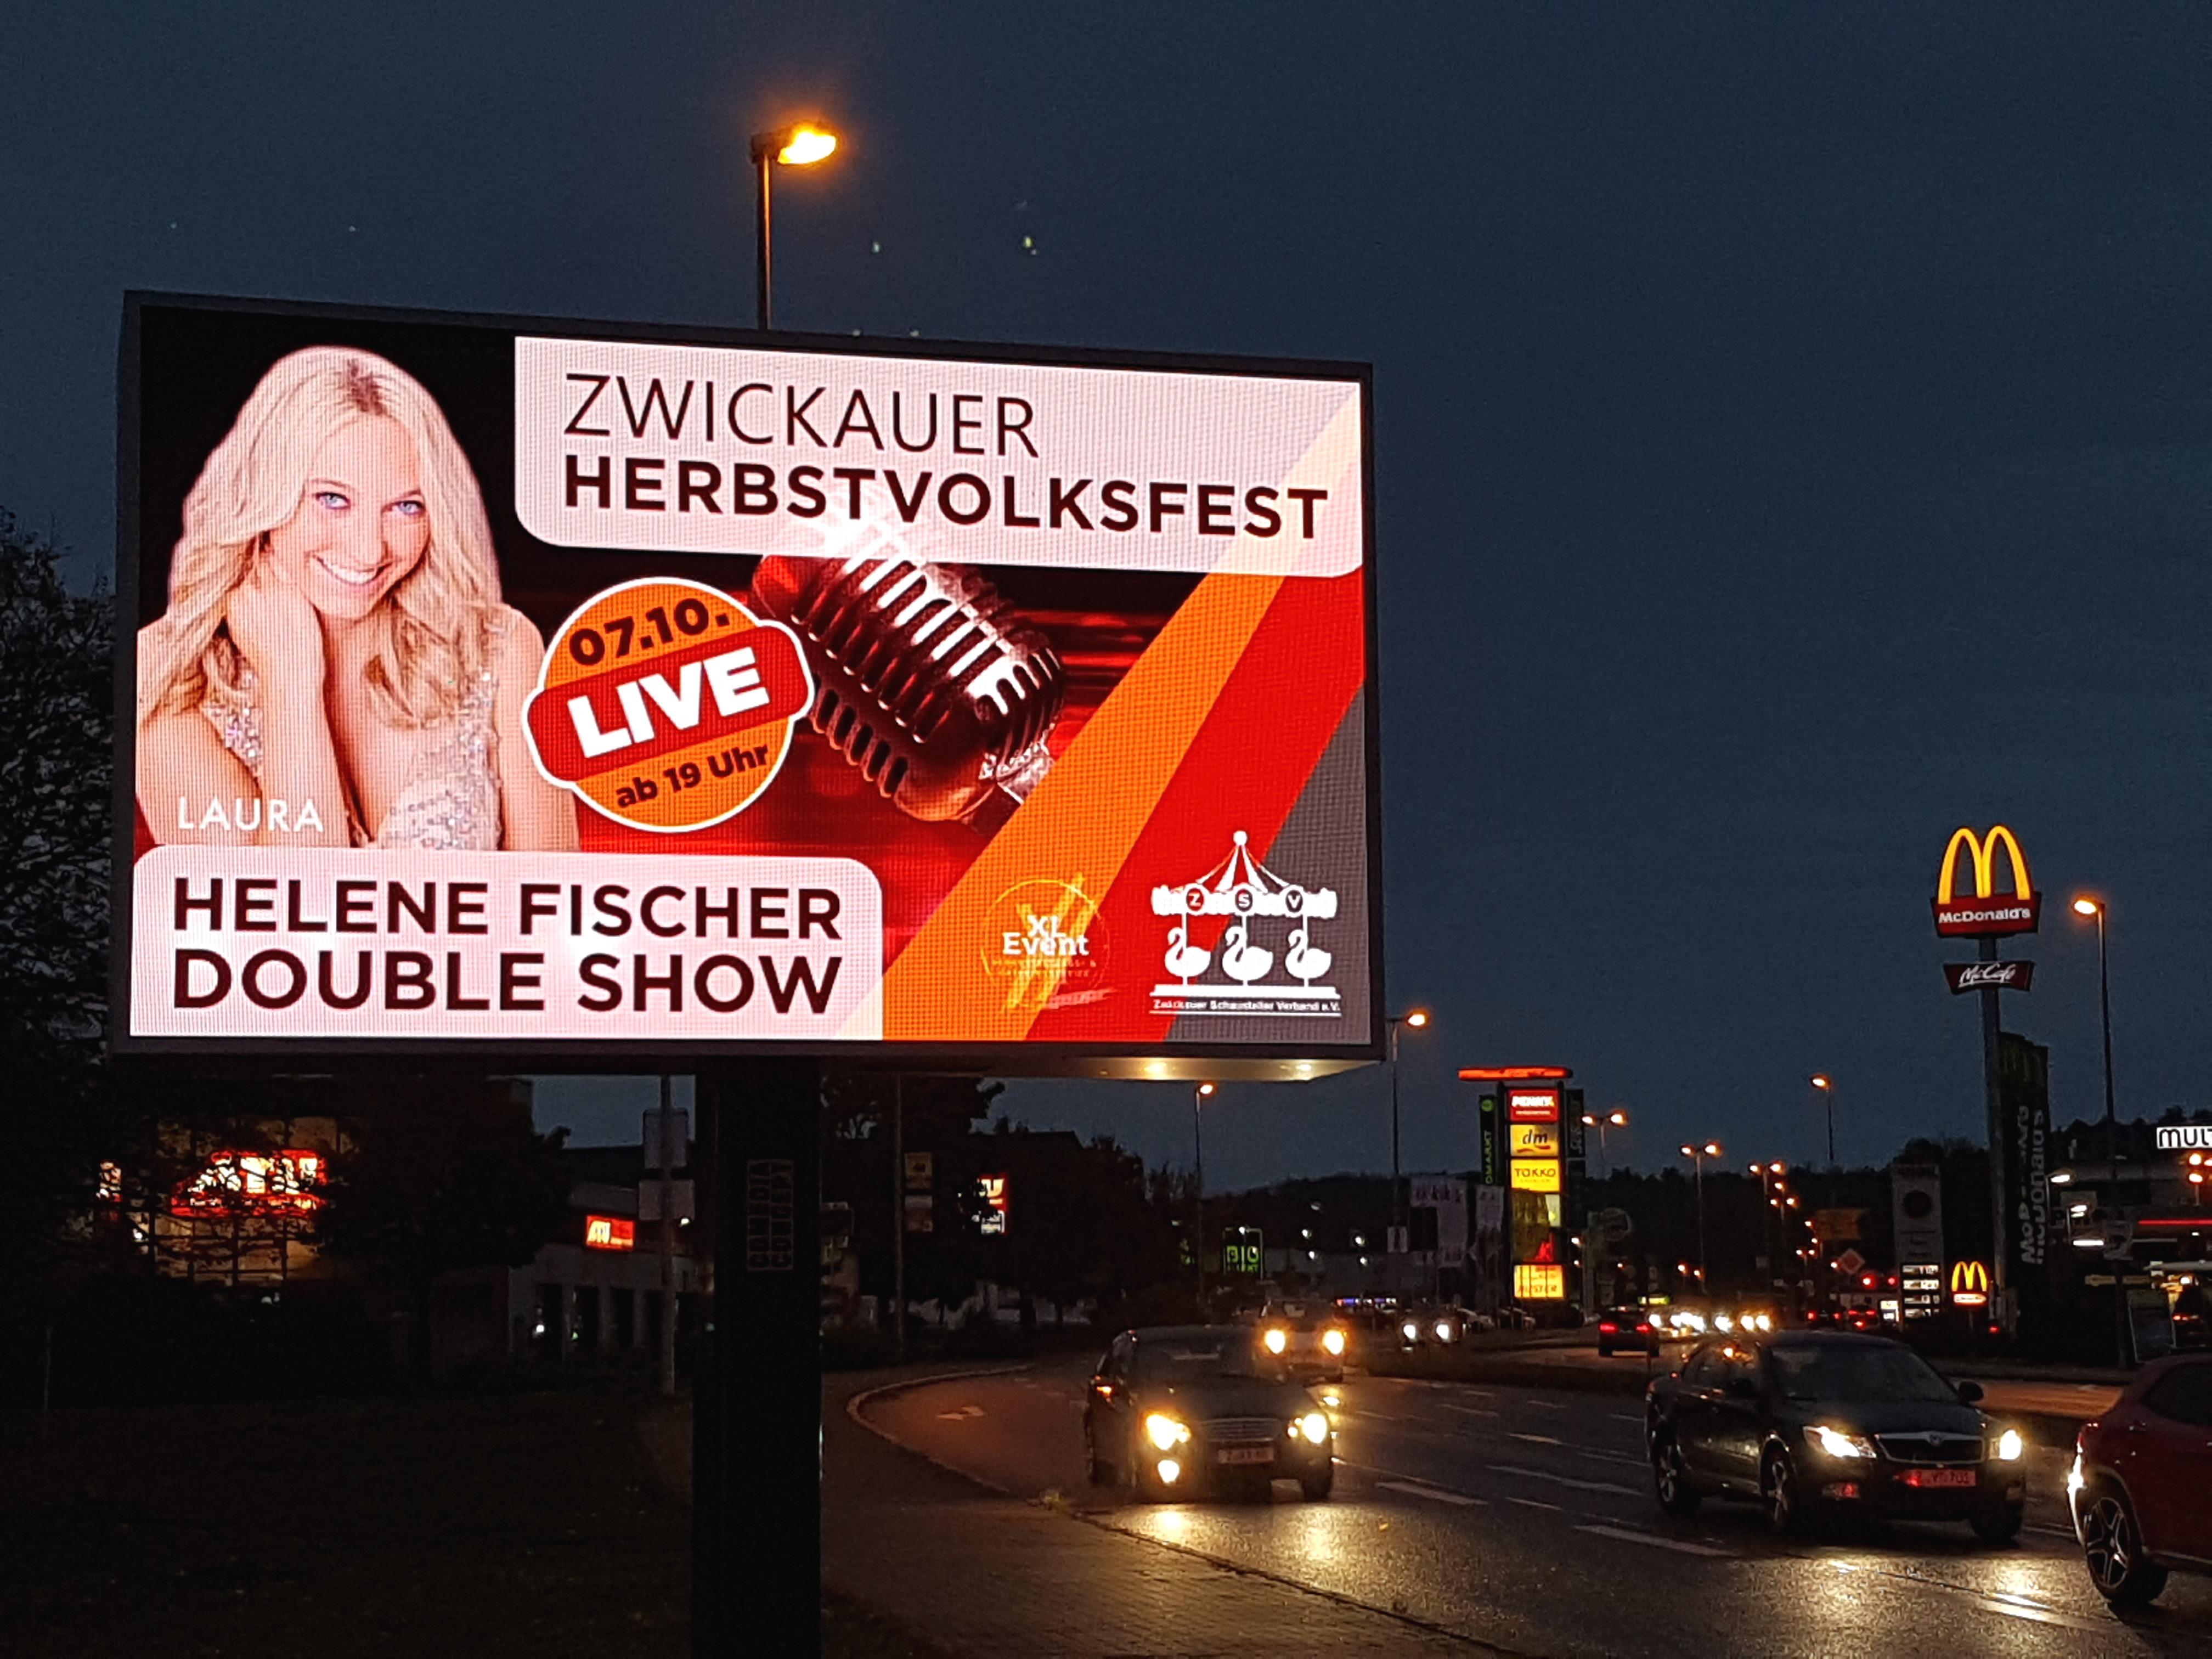 LAURA - Helene Fischer Double